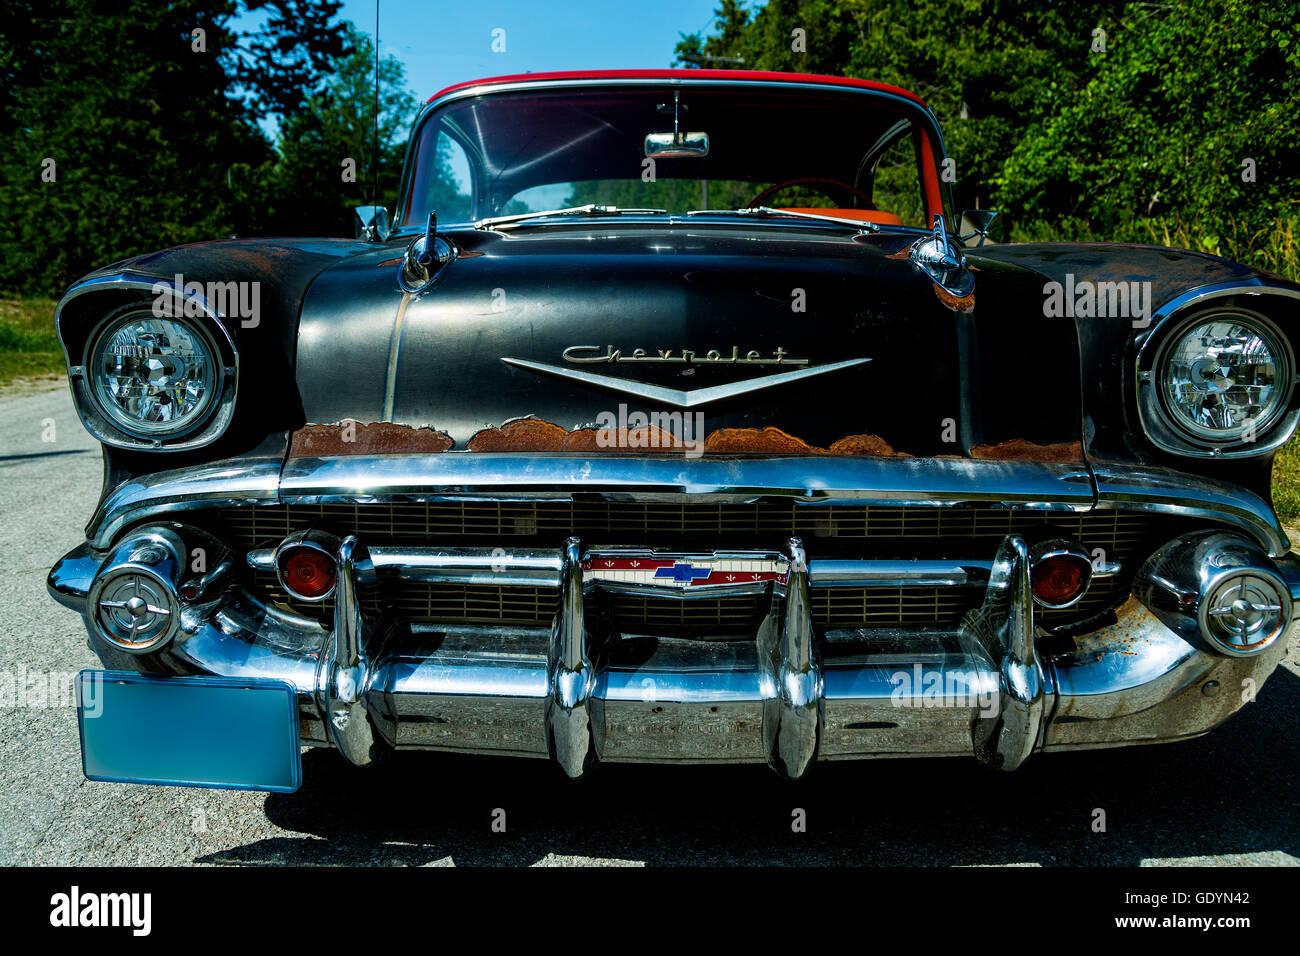 1957 chevrolet bel air 4 door hard top rat rod stock photo for 1957 chevy bel air 4 door